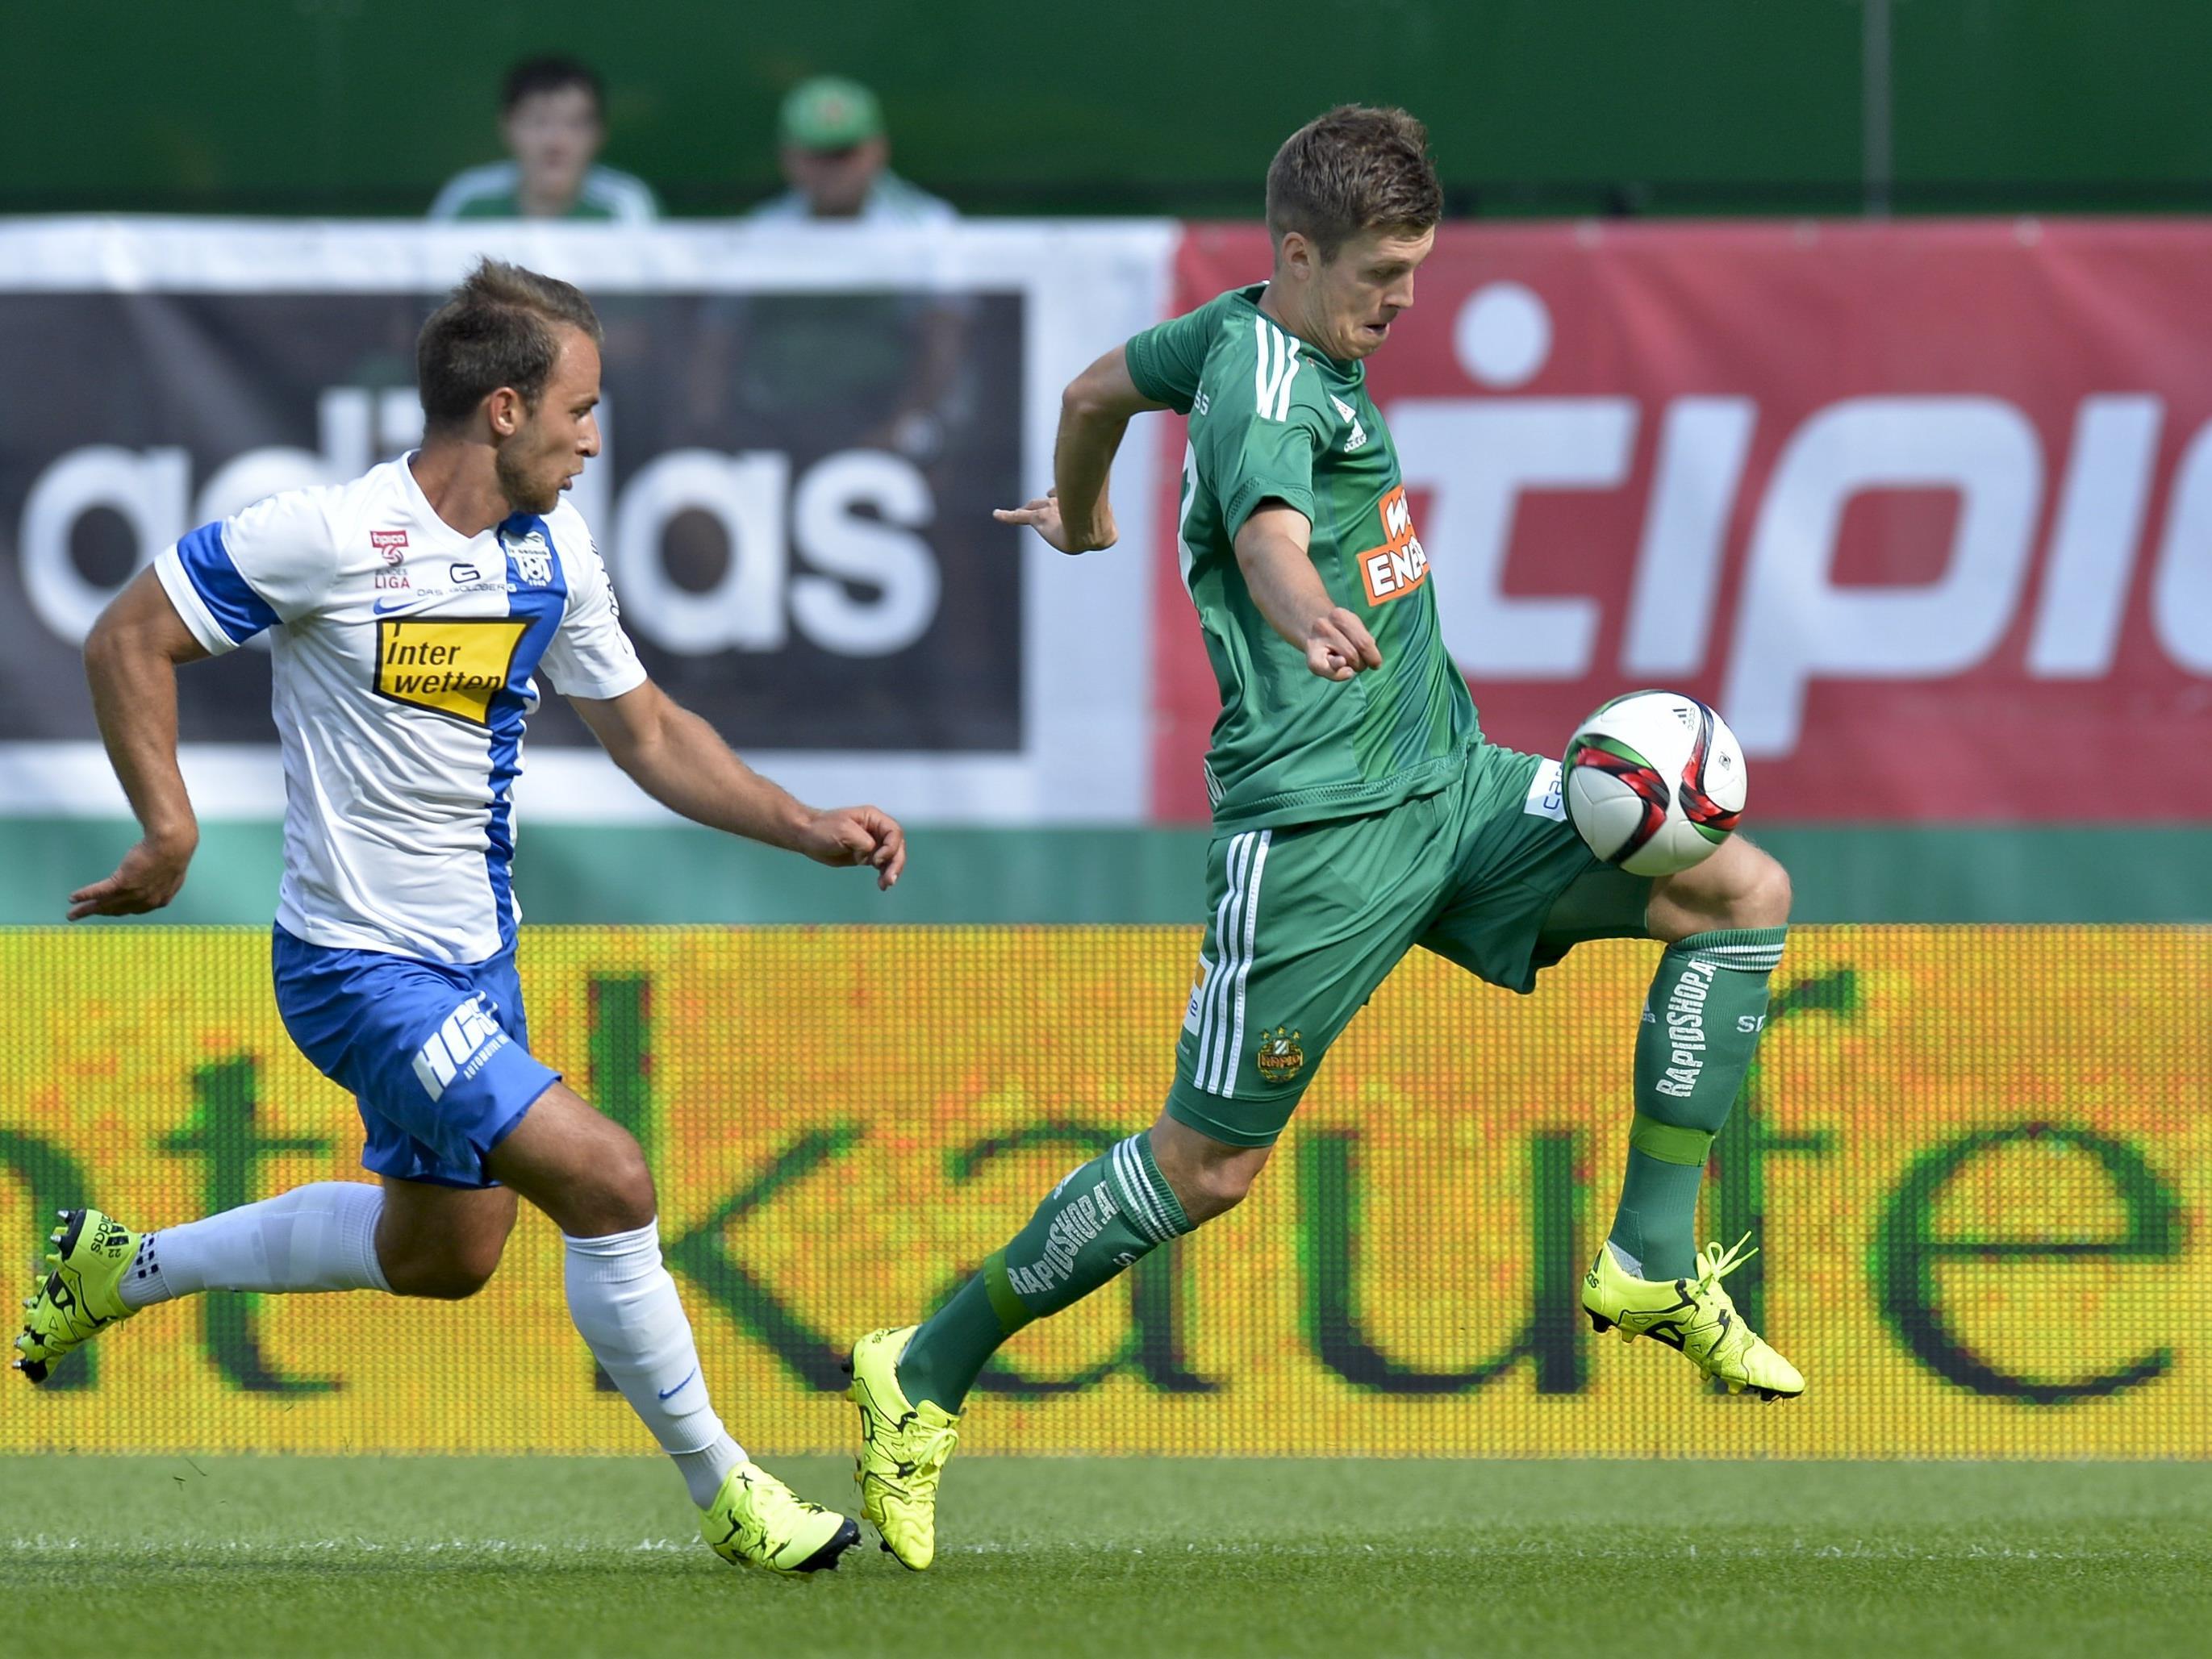 LIVE-Ticker zum Spiel SK Rapid Wien gegen SV Grödig ab 14.00 Uhr.